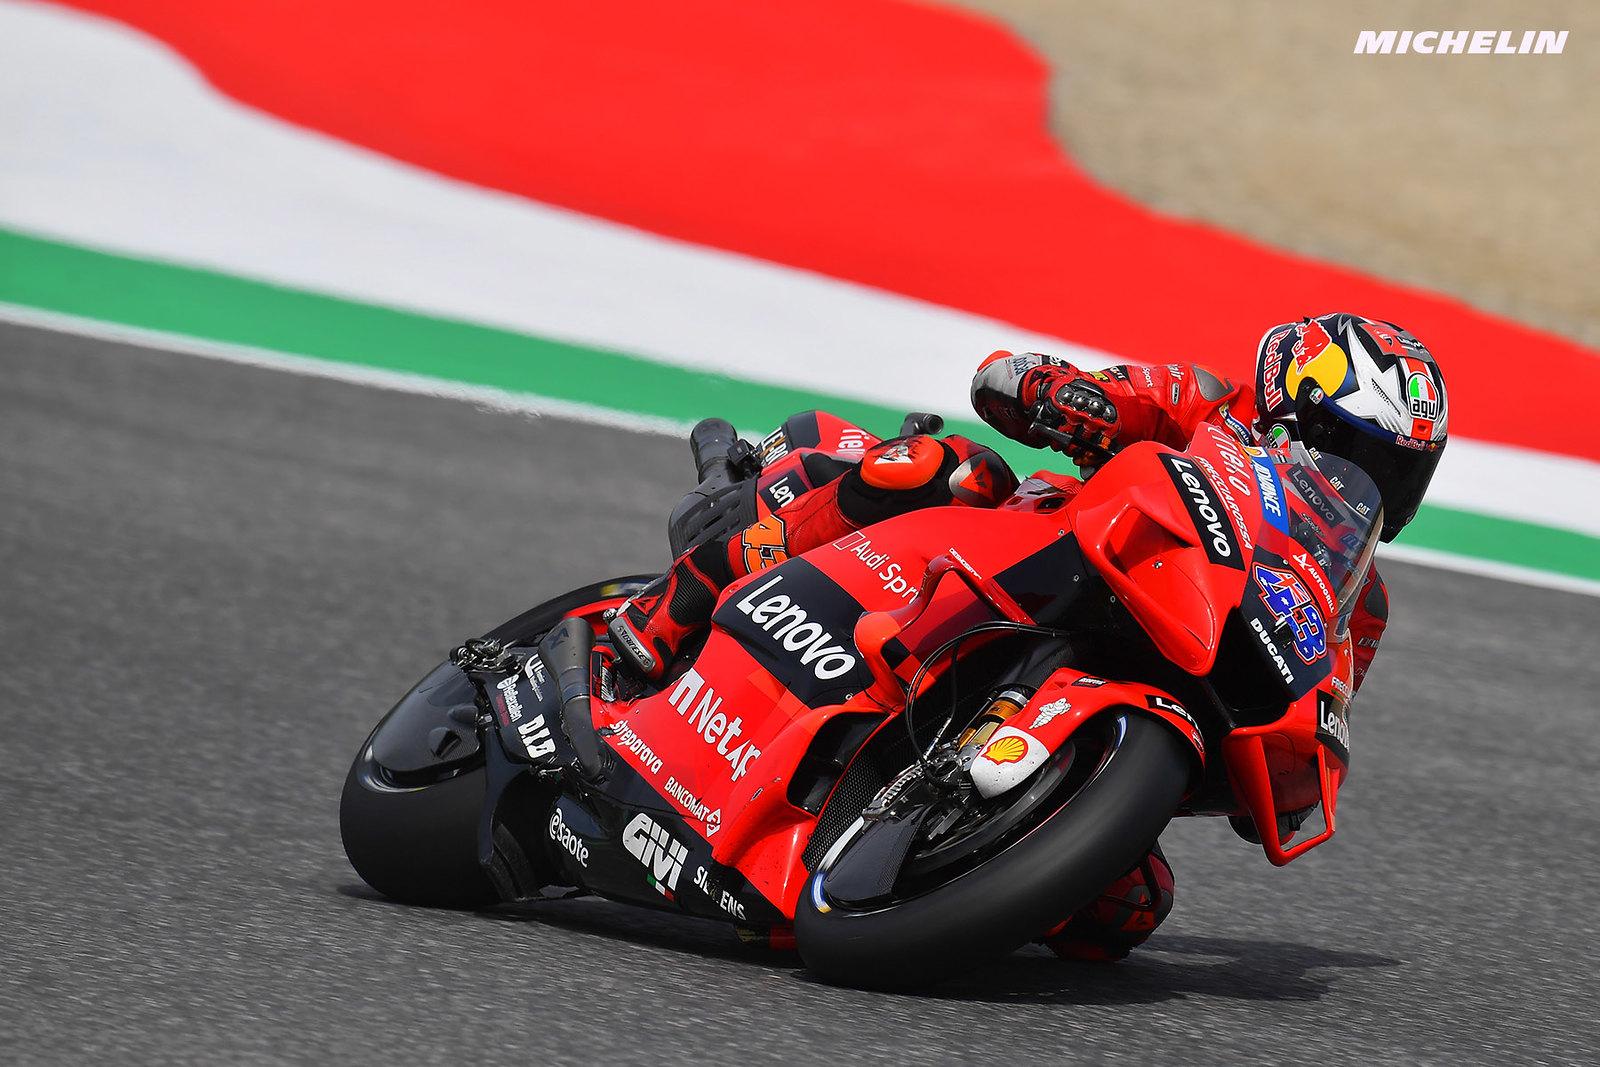 MotoGP2021イタリアGP 5位ジャック・ミラー「予選でもう少し良い走行ができたはず」